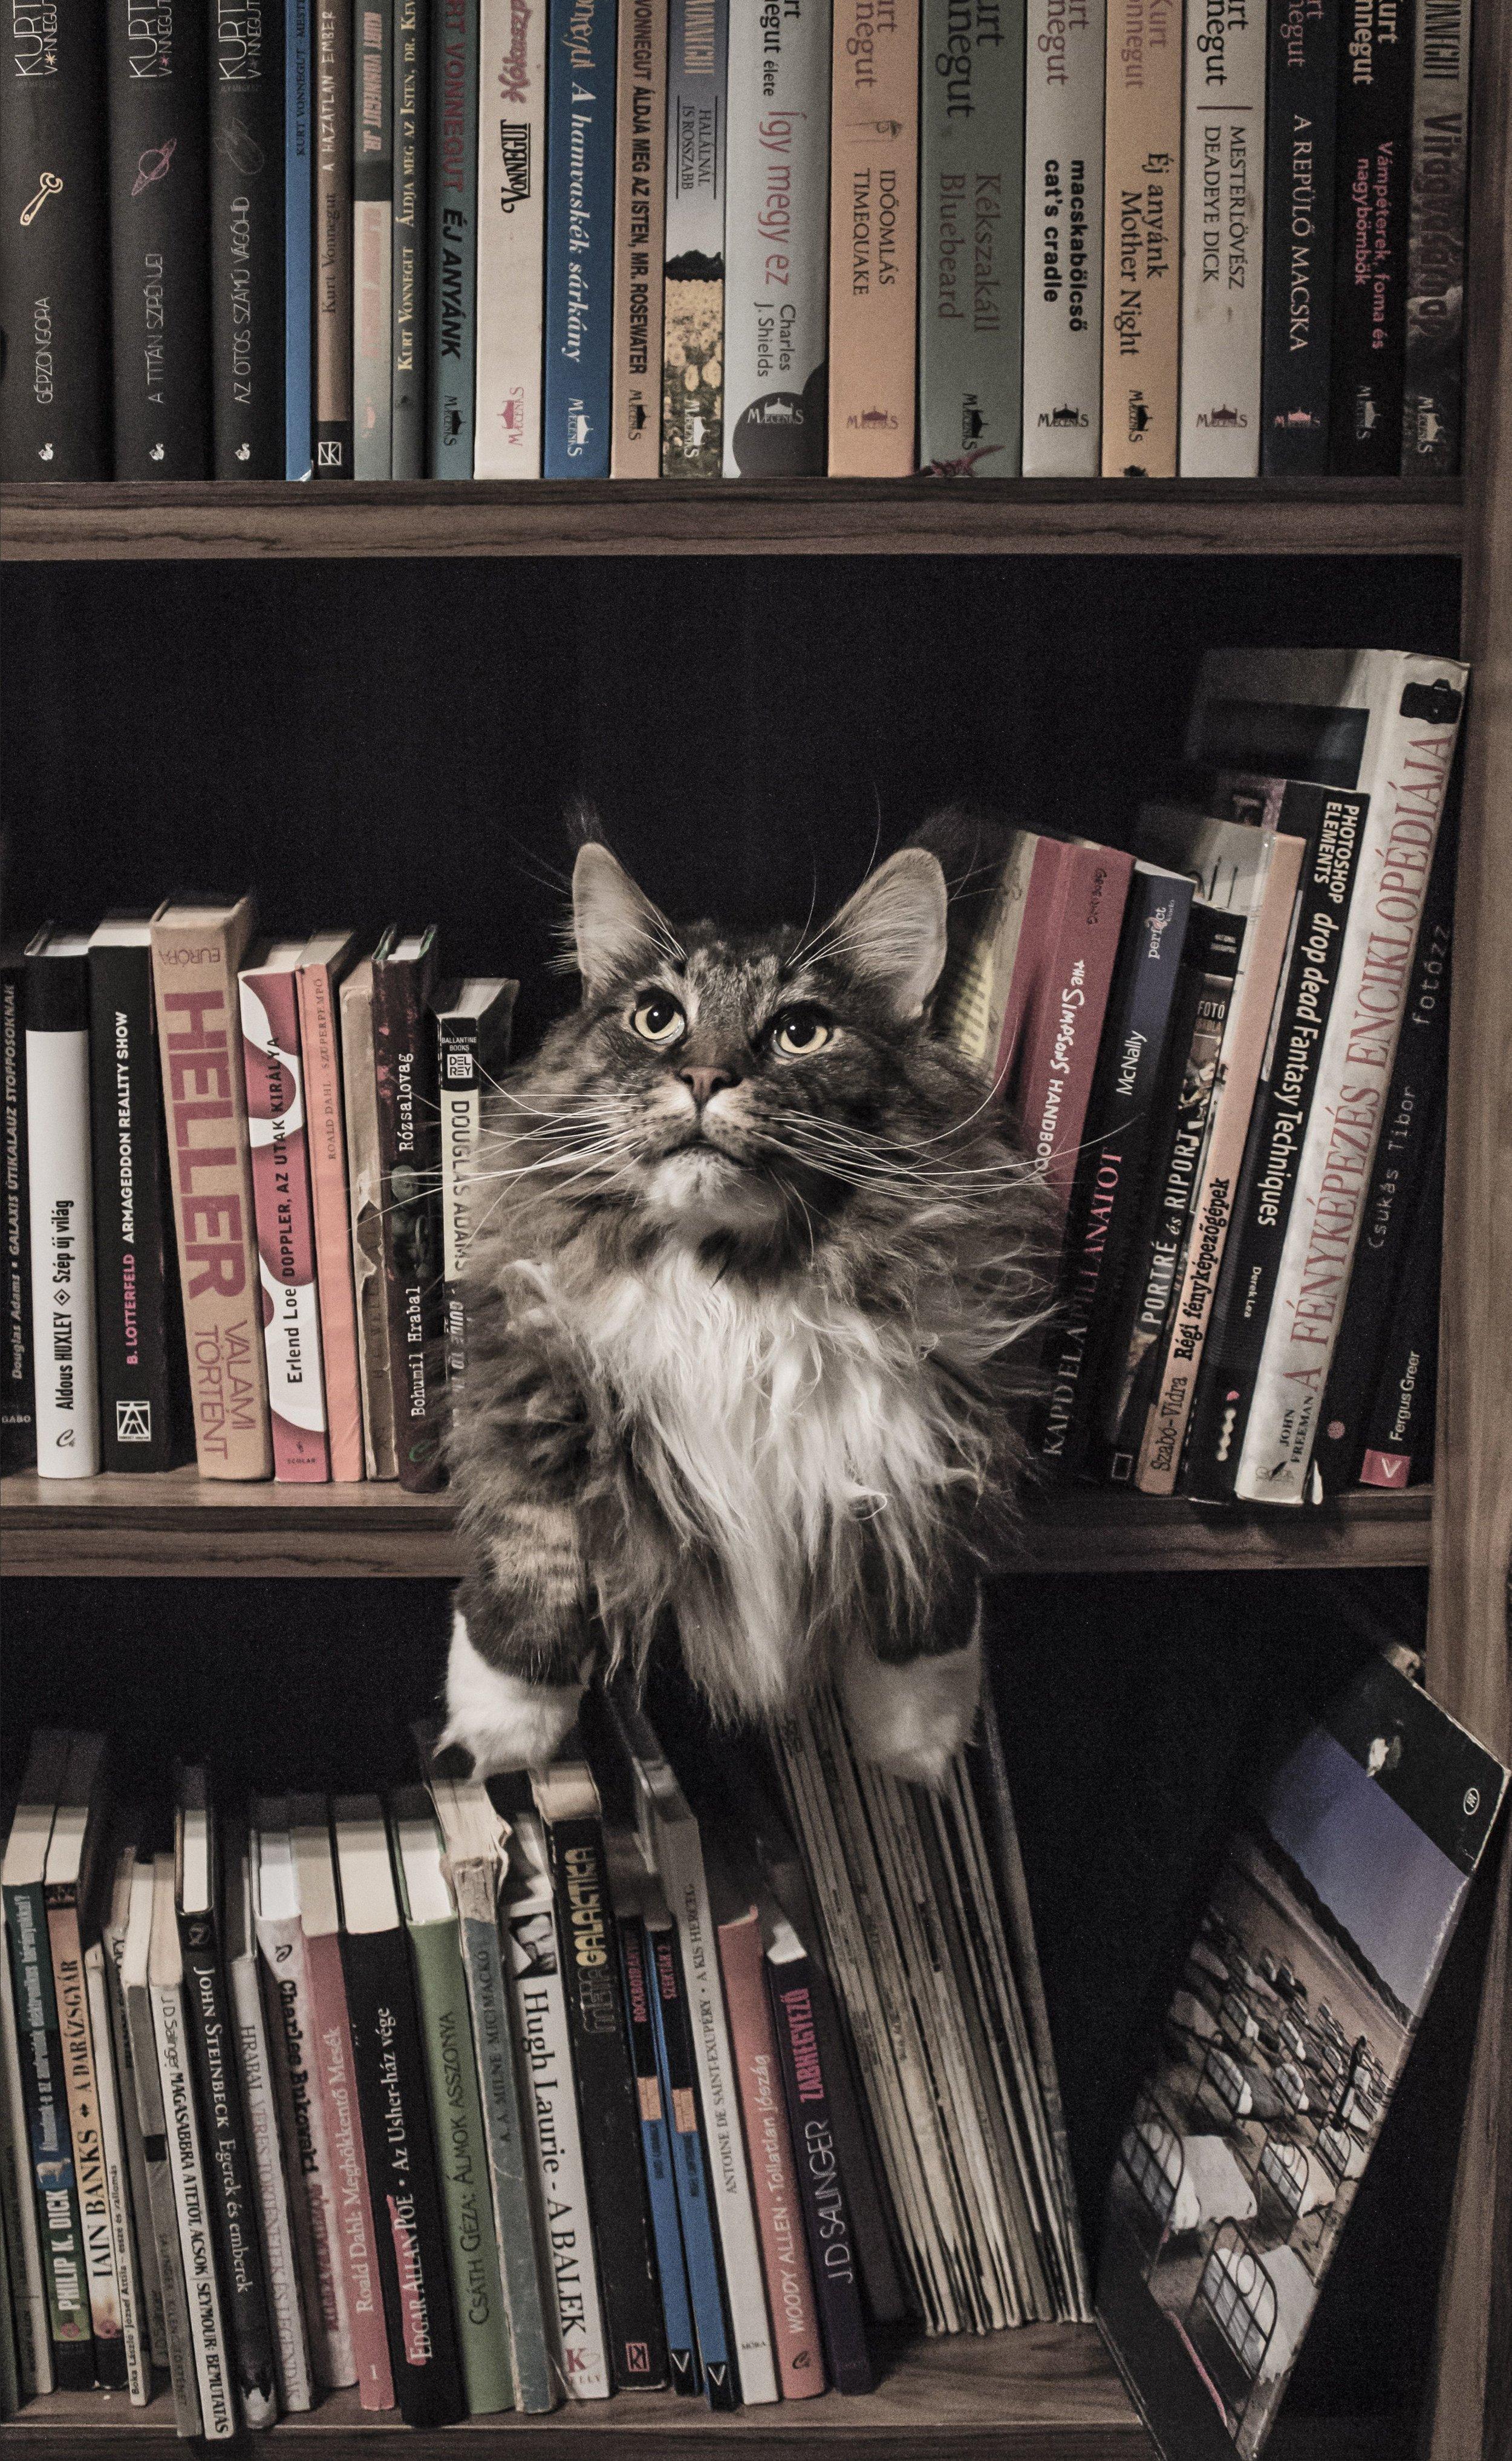 catandbooks-compressor.jpg